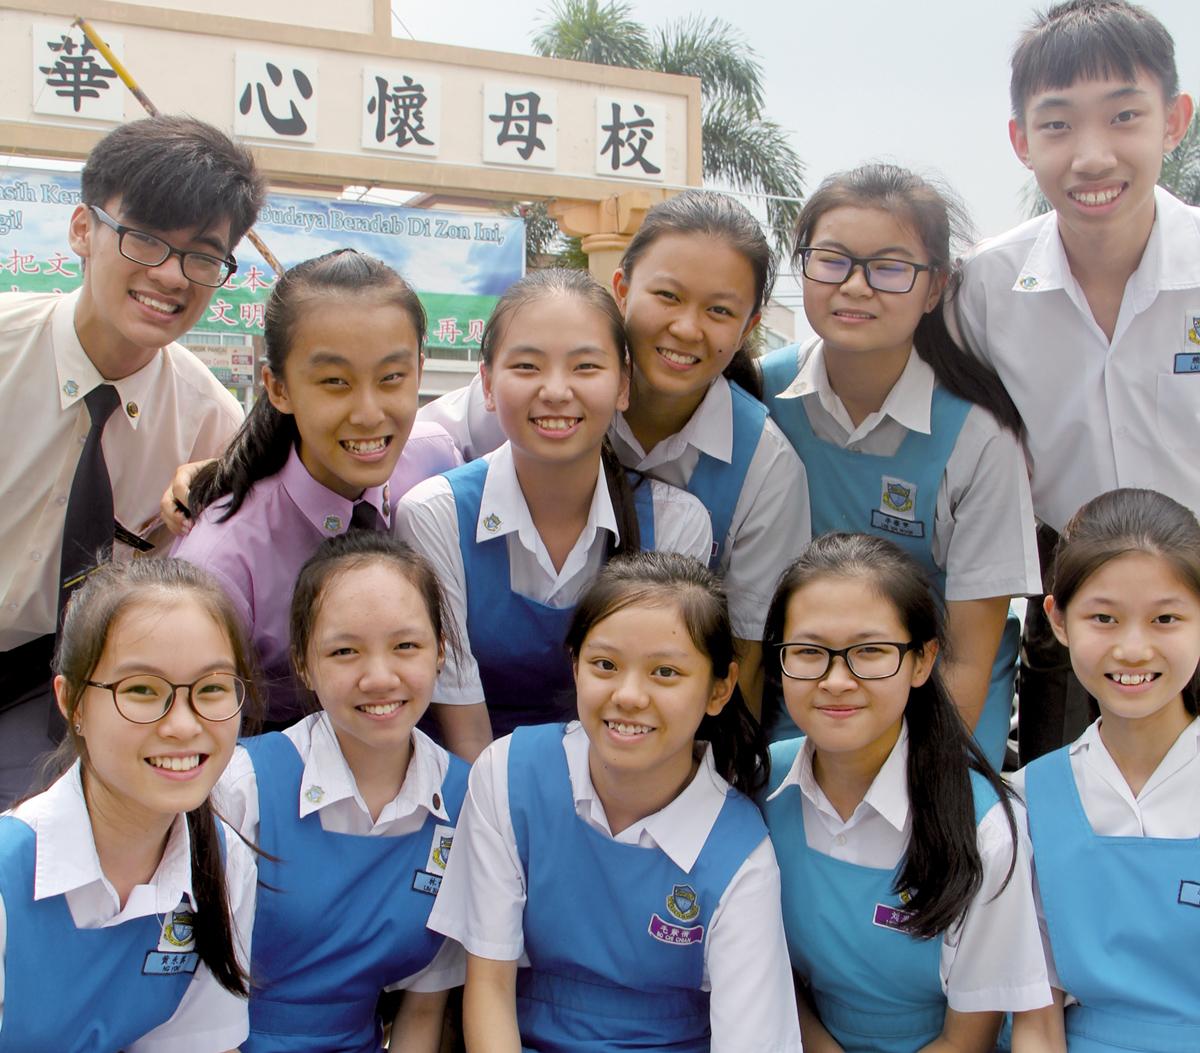 图片来源:加影育华国民型中学